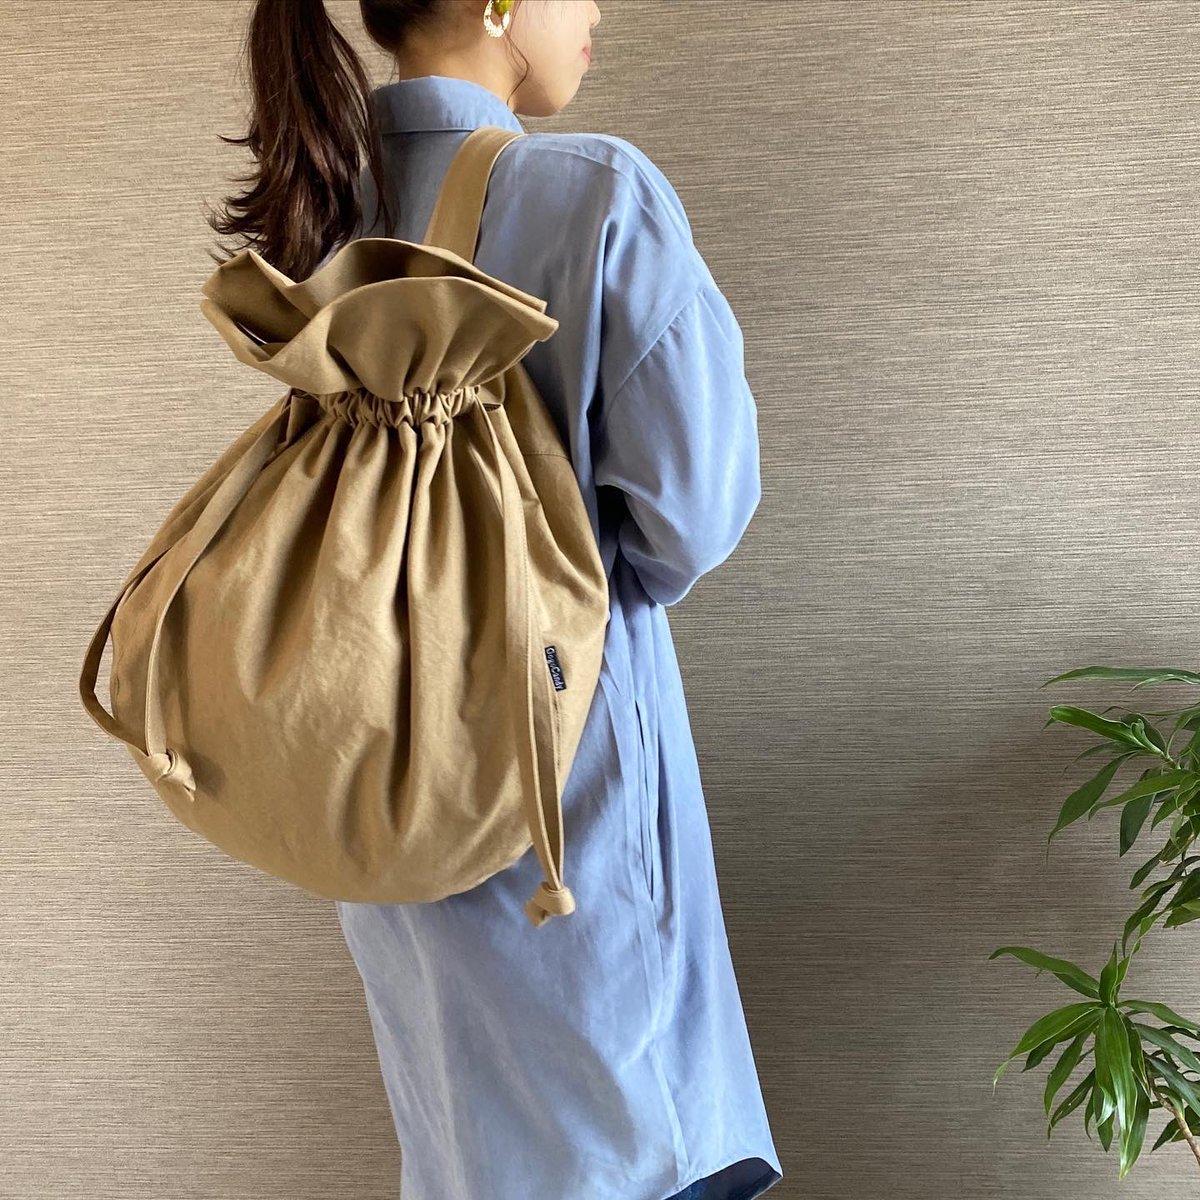 でっかい巾着型のスリングバッグ タマゴみたいな可愛い形 ネーミングは『たまGoバッグ』 た〜っぷり入るから使い勝手抜群です#巾着バッグ #でっかいバッグ #ワンショルダーバッグ #ボディーバッグ #メルカリ  #メルカリ出品中  #handmade #GogoCandy #あーこpic.twitter.com/xgoNUxXN8d